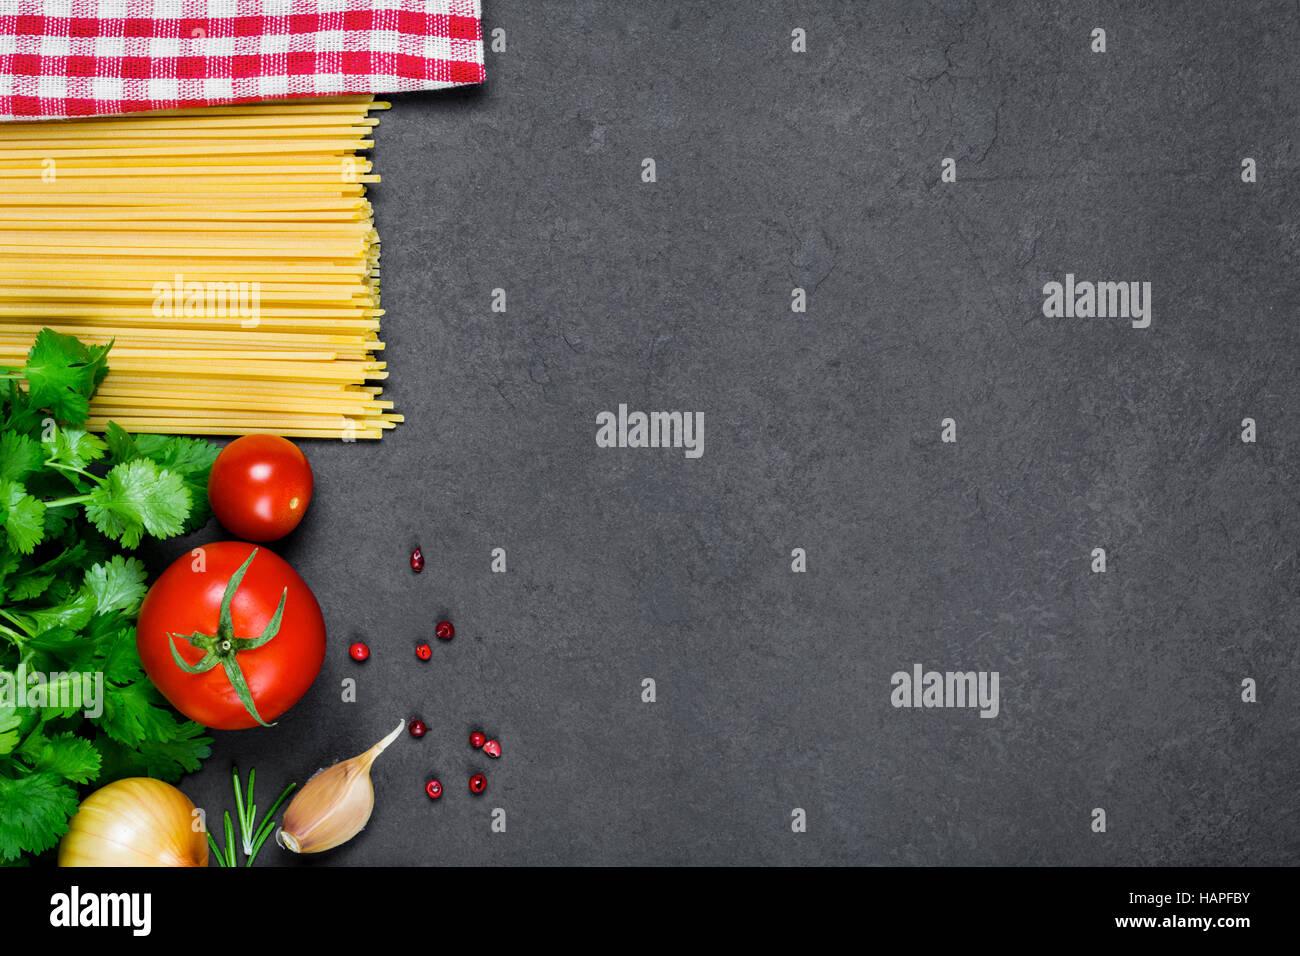 Kochen Zutaten für italienische Küche: Pasta Spaghetti, Tomaten, Petersilie, Zwiebel, Knoblauch, Pfefferkörner Stockbild